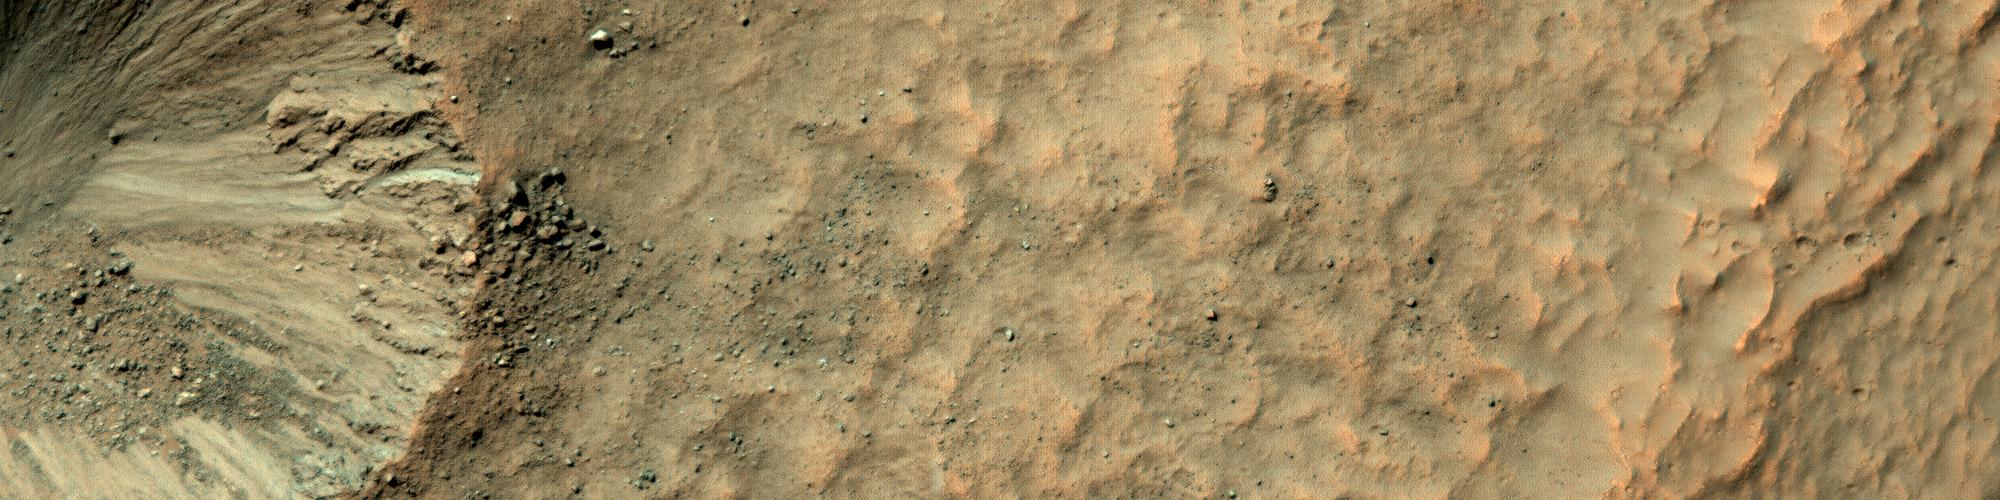 Ένας Κρατήρας στο Τοίχωμα ενός Κρατήρα